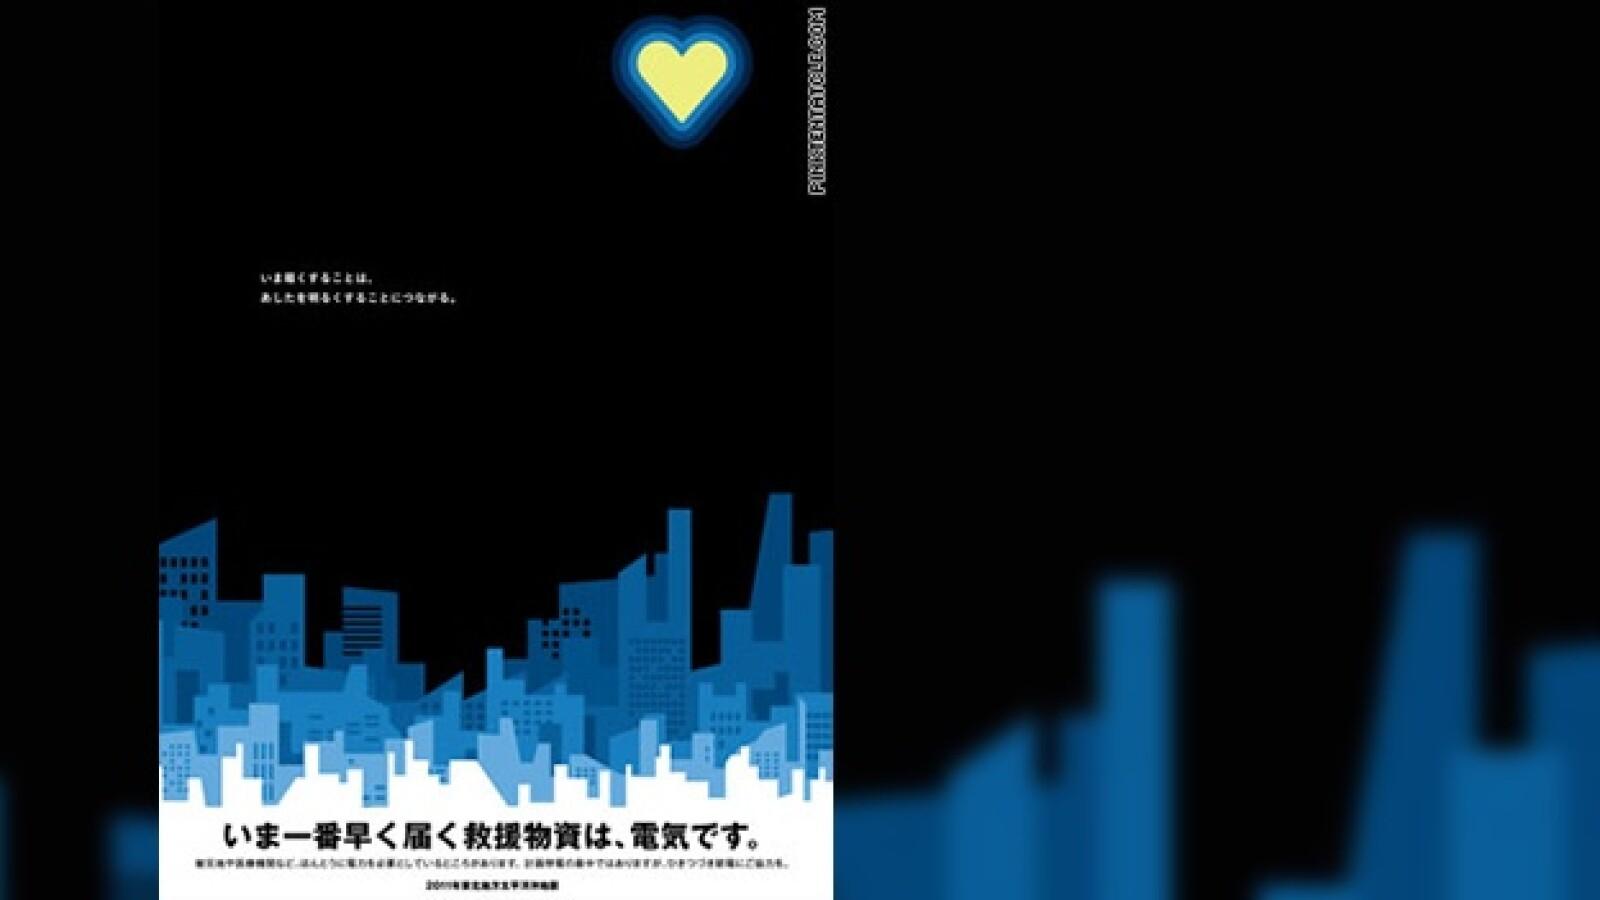 japón ahorro energético poster 11